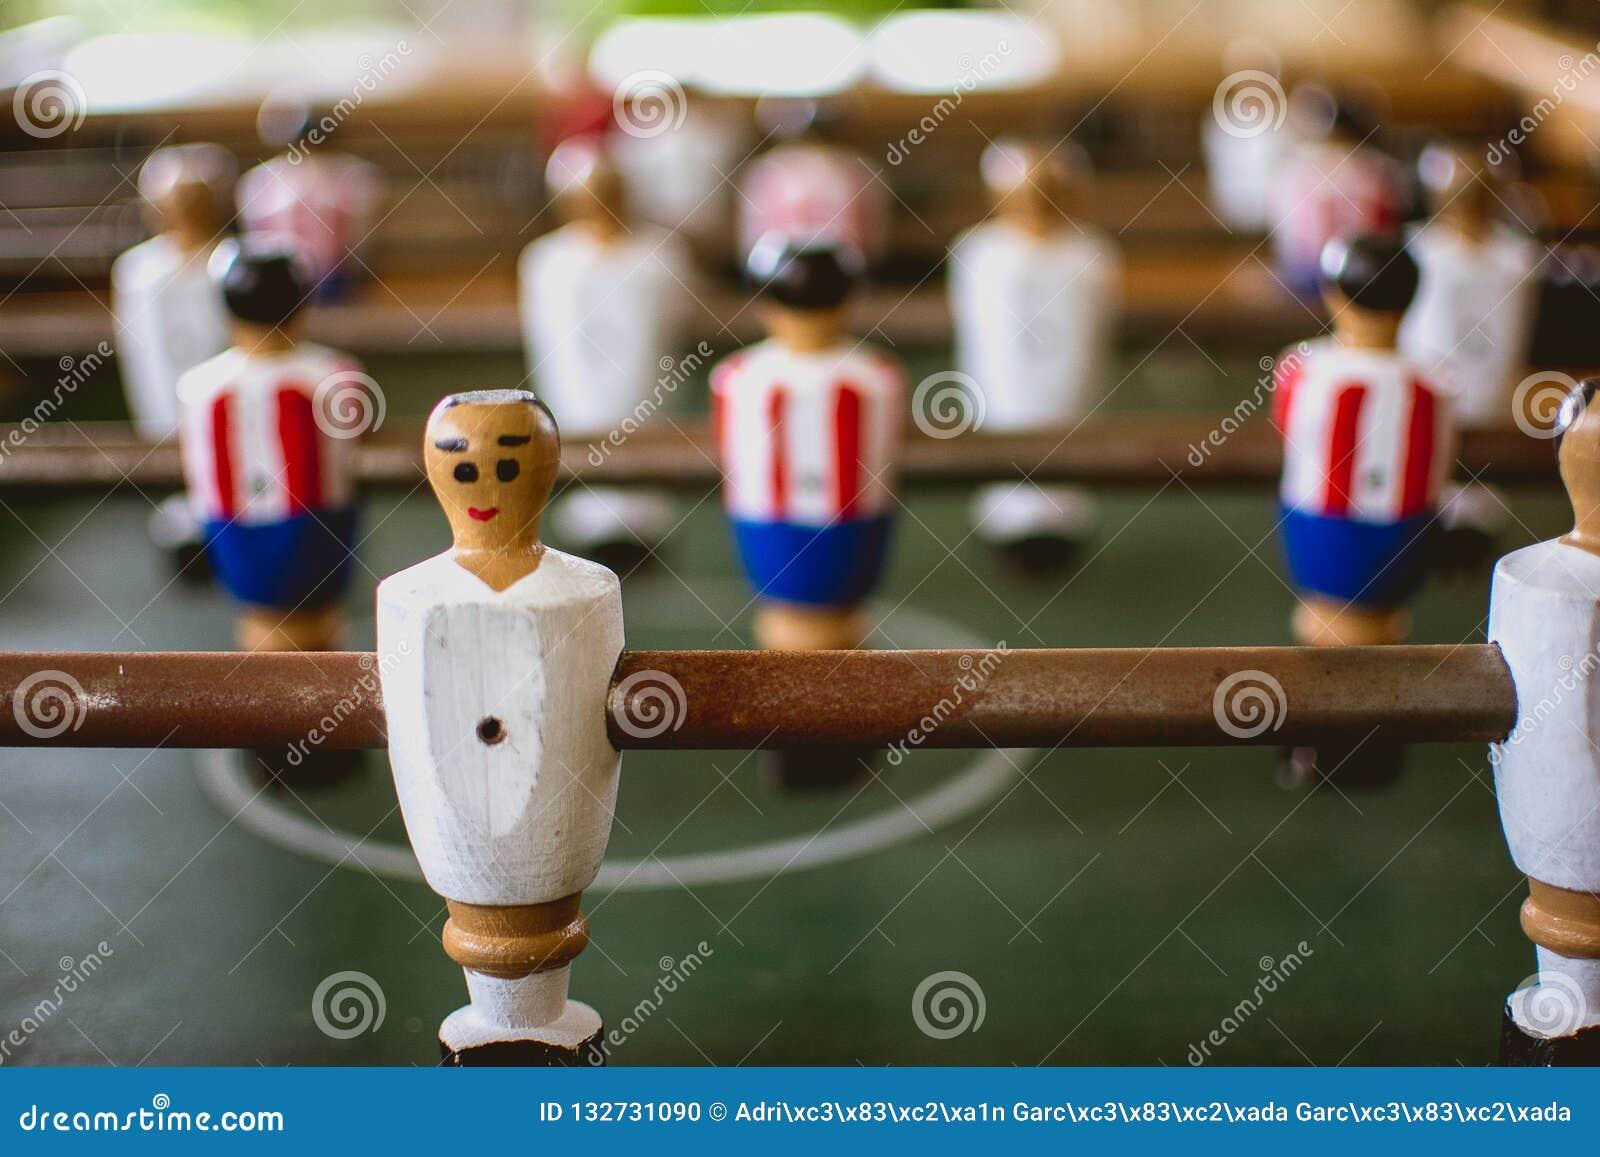 Foosballspelers in foosballspel